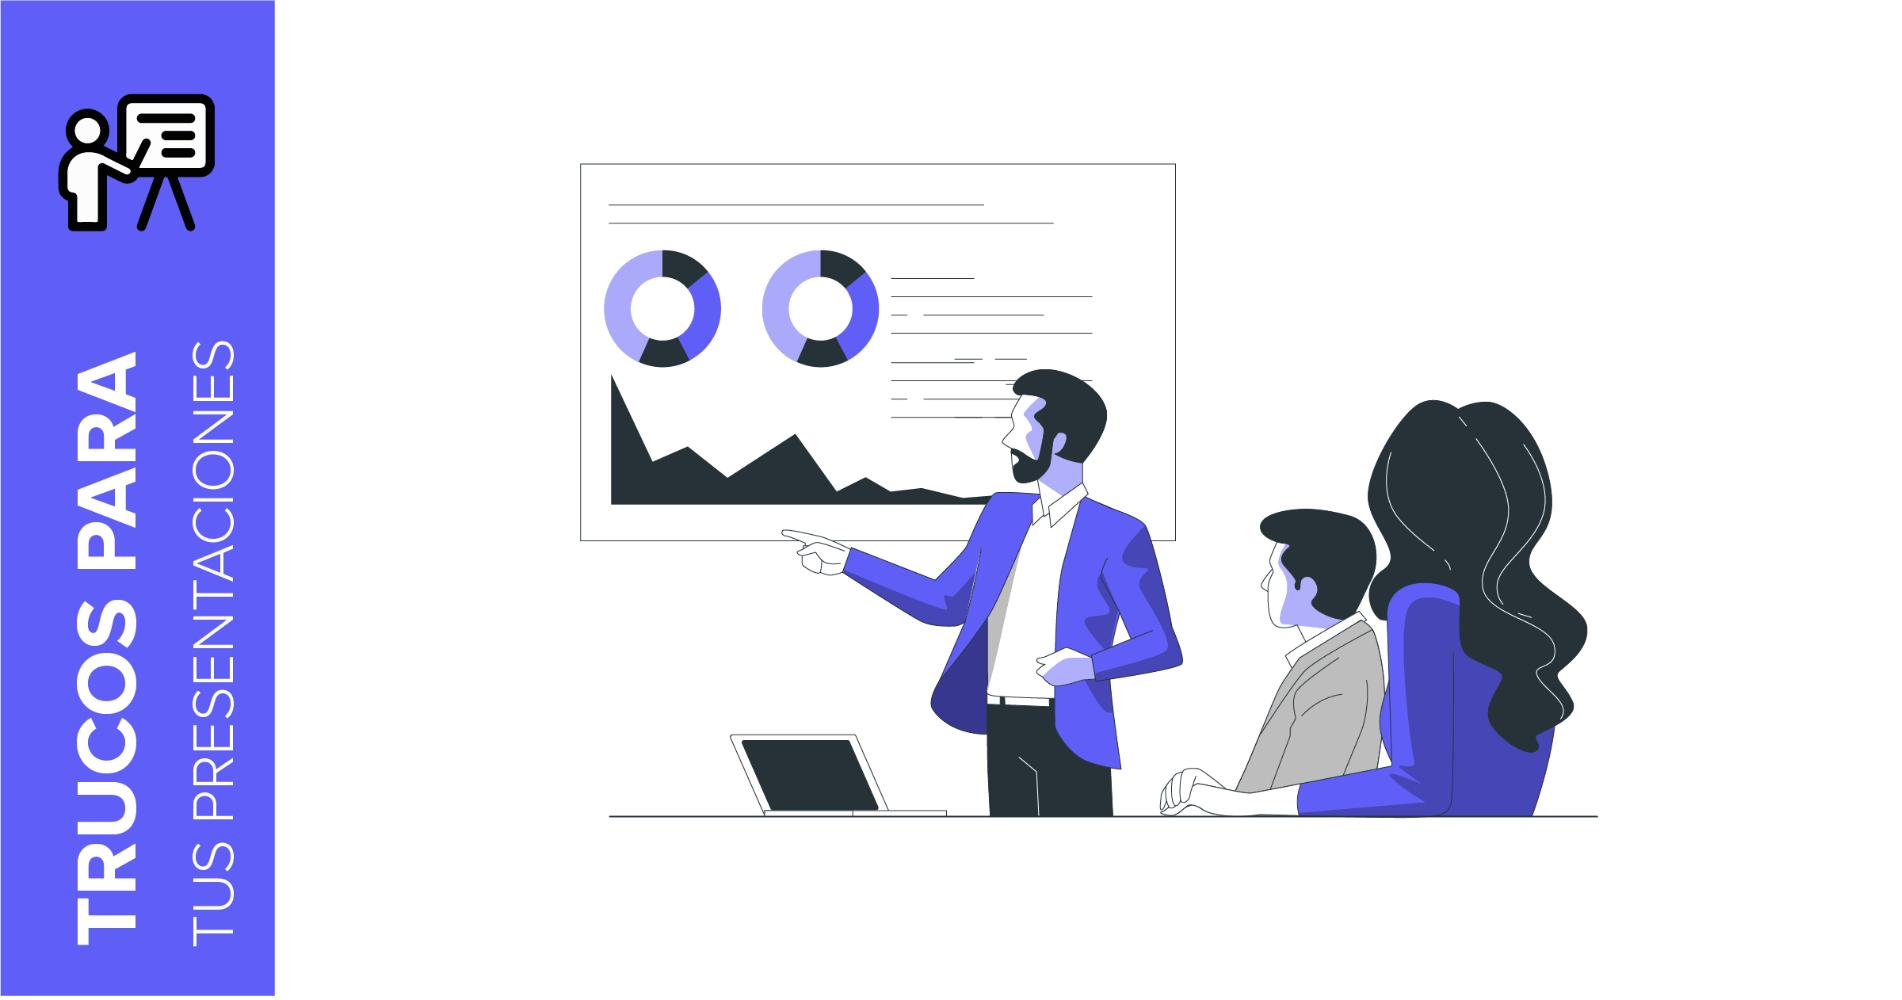 Cómo usar el storytelling en tus presentaciones | Tutoriales y Tips para tus presentaciones